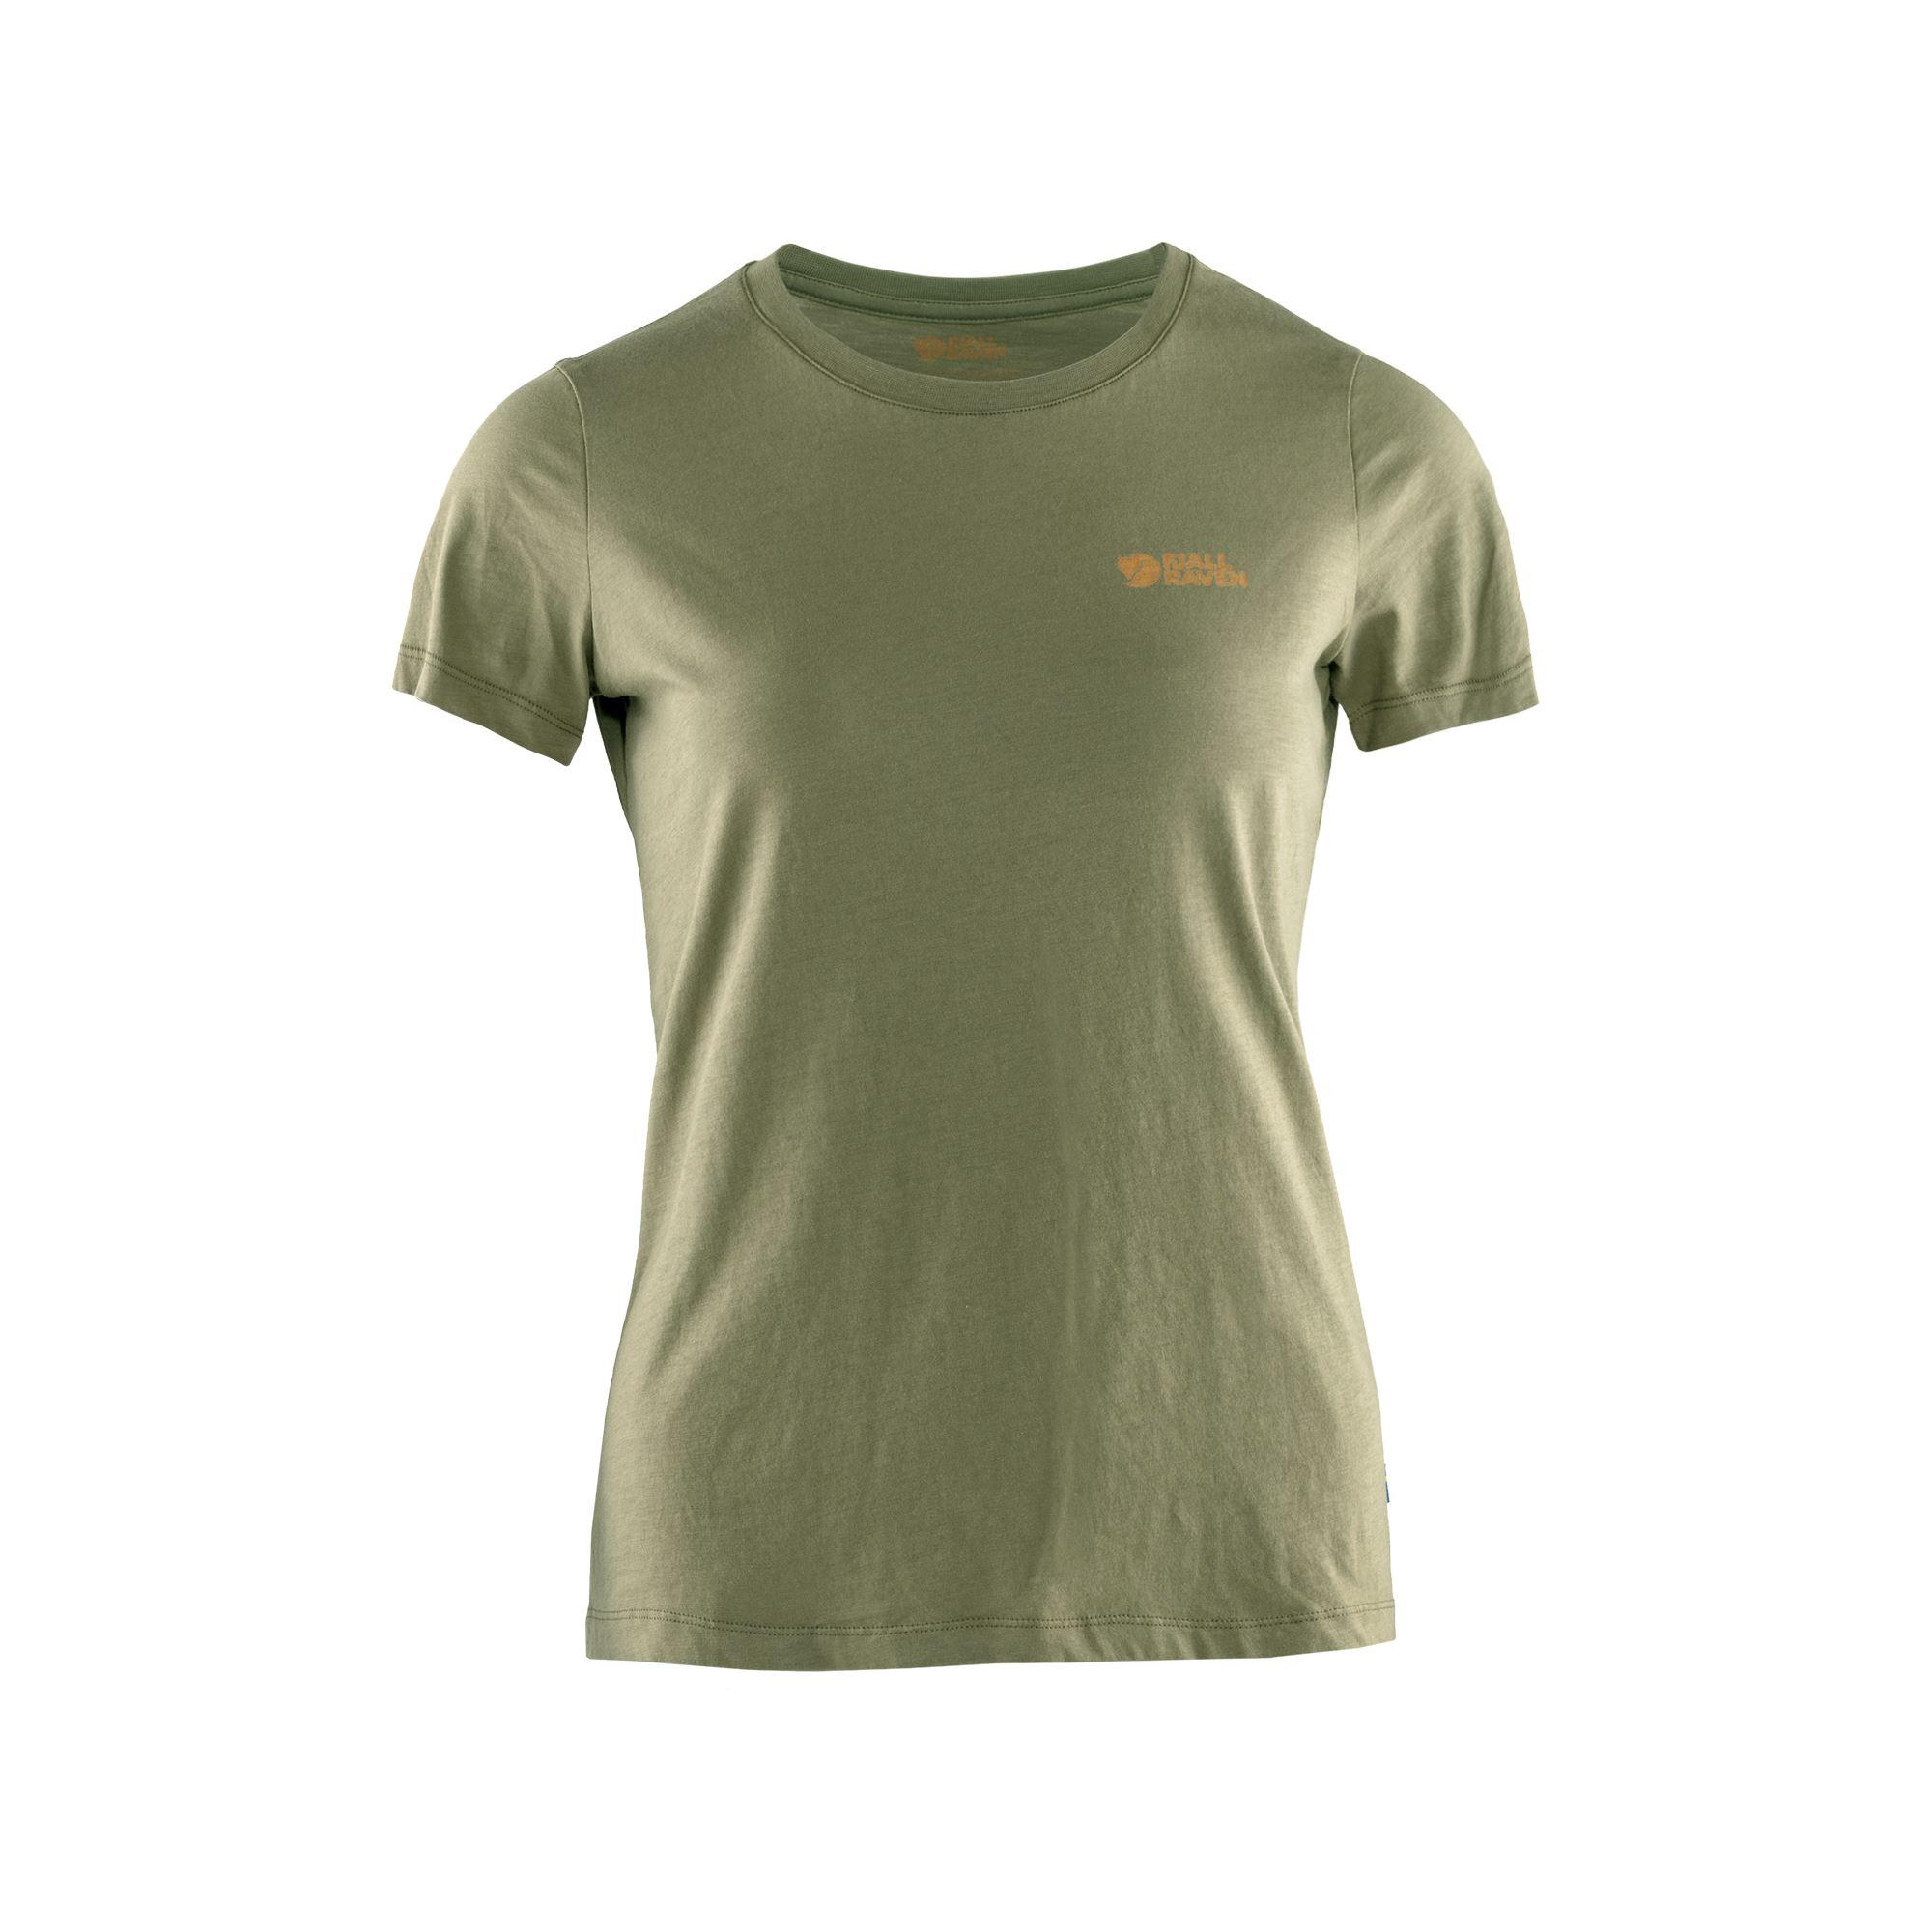 Damen Jagd T-Shirt Frauen Jagdbekleidung Damenshirt Jagdsport Top Jäger